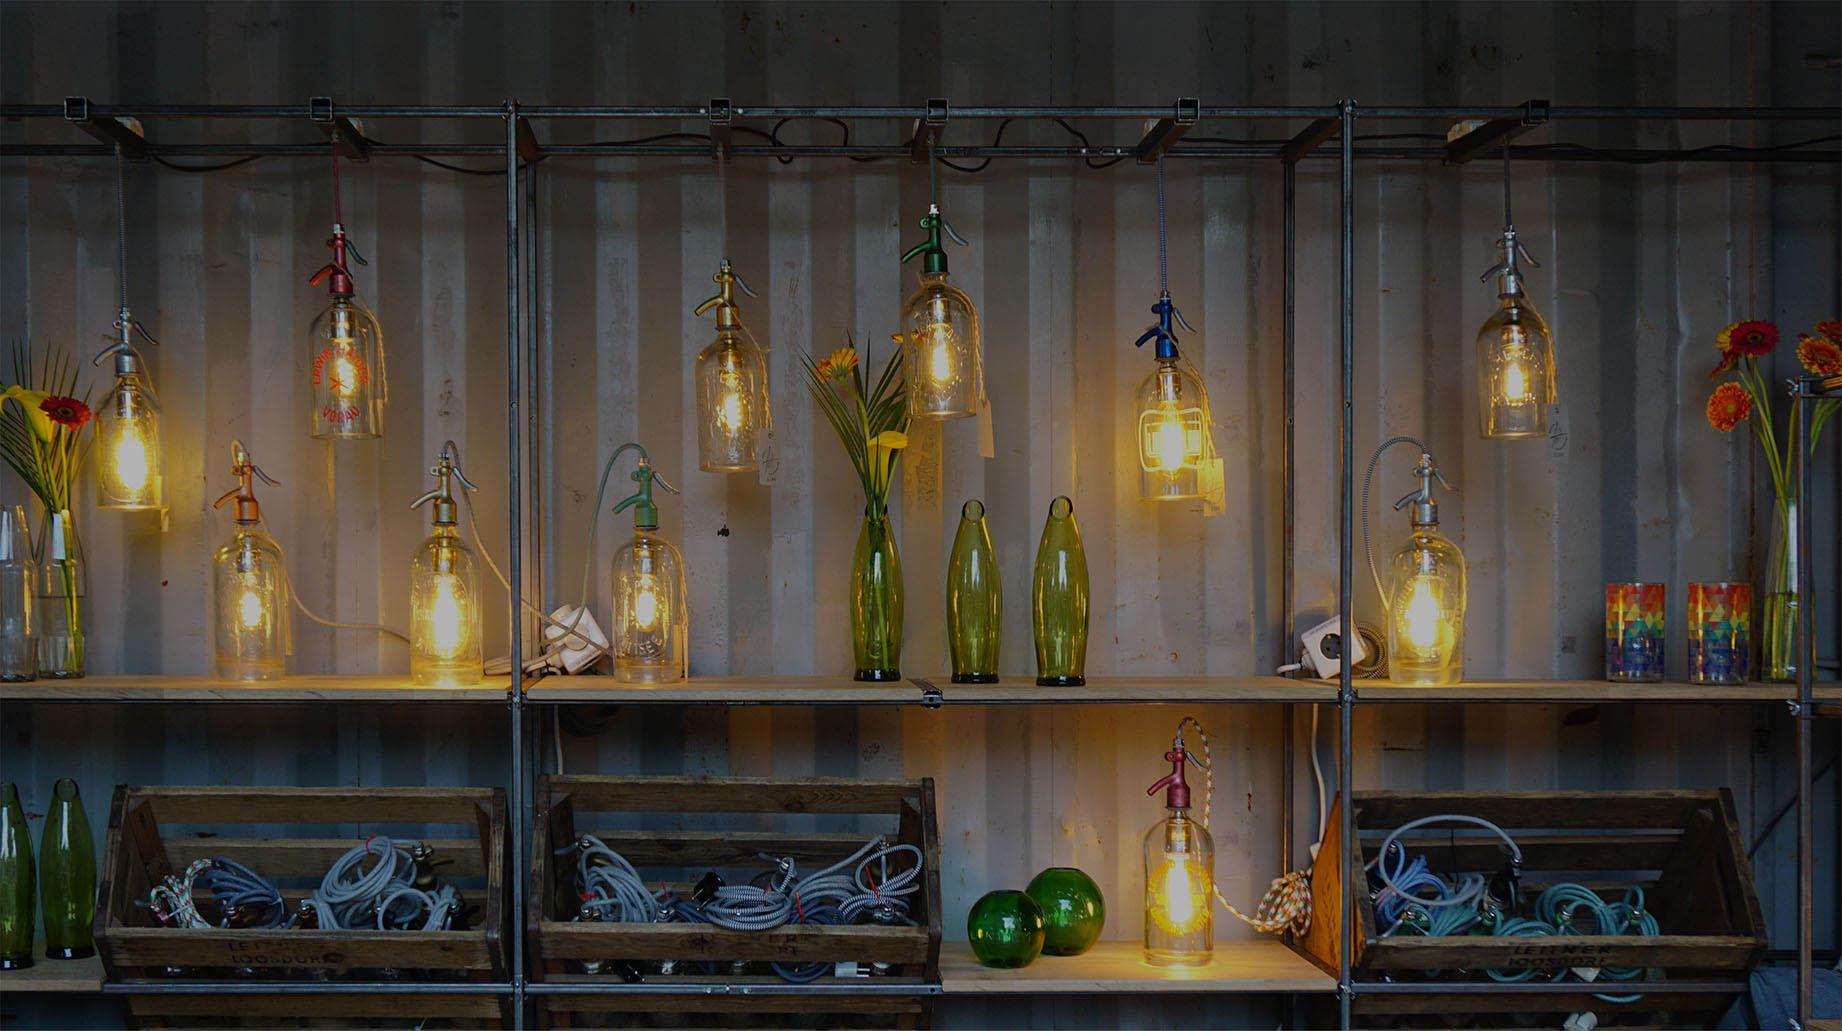 Produktpräsentation Hängeleuchte Tischleuchte aus Sodaflasche Sodaflaschen Syphonflasche Syphonflaschen fett handmade upcycling products